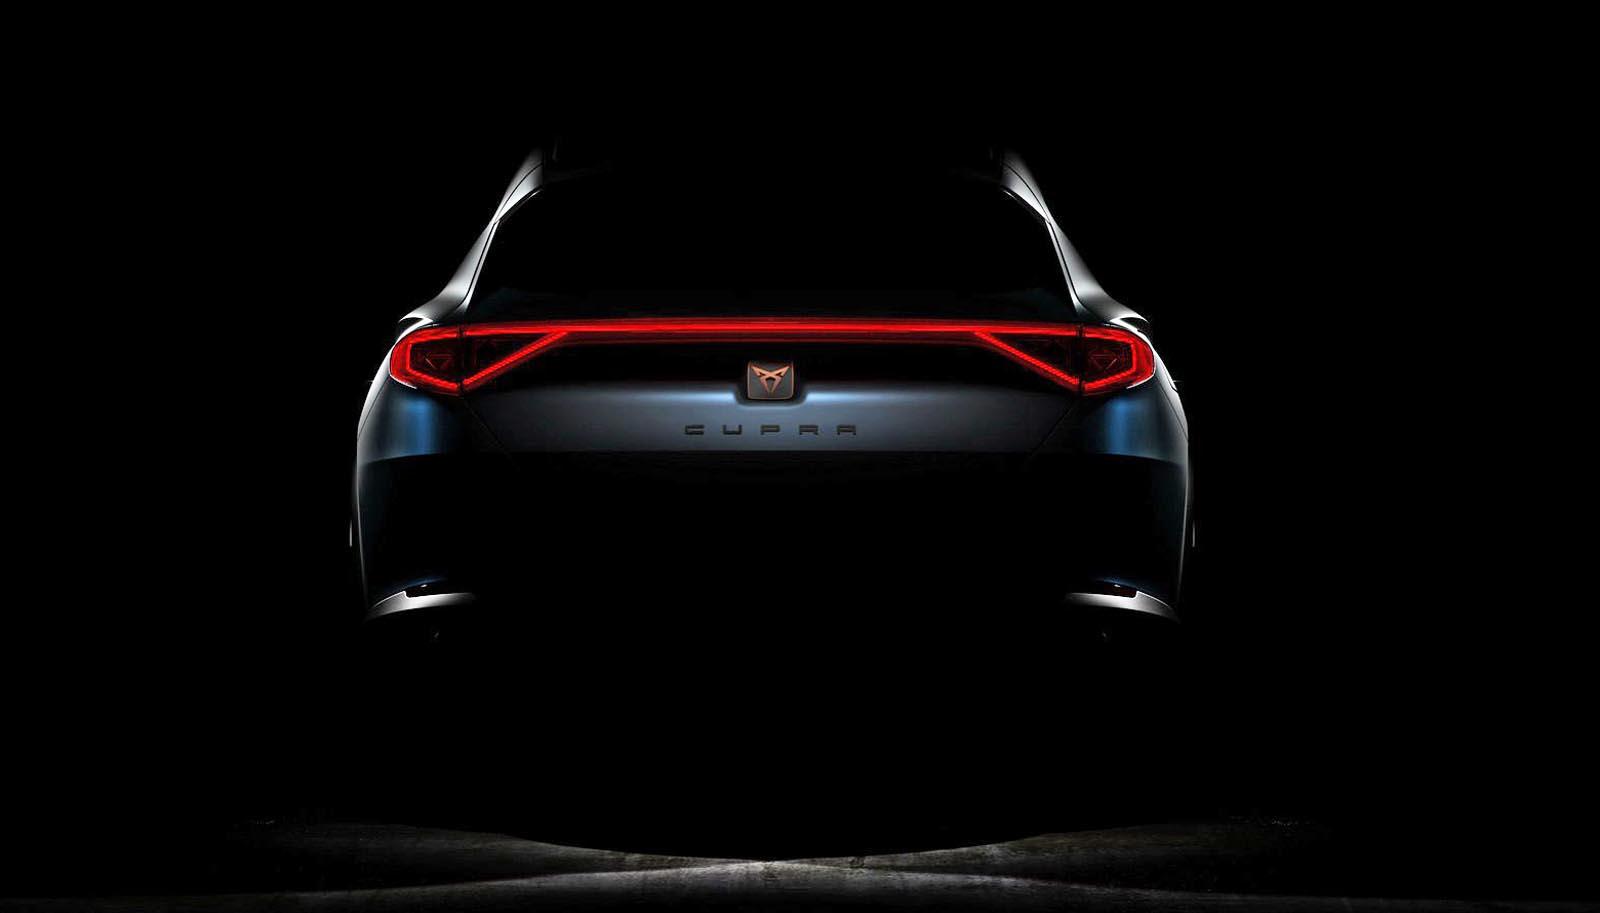 Photo of Γεύση από το νέο SUV της Cupra